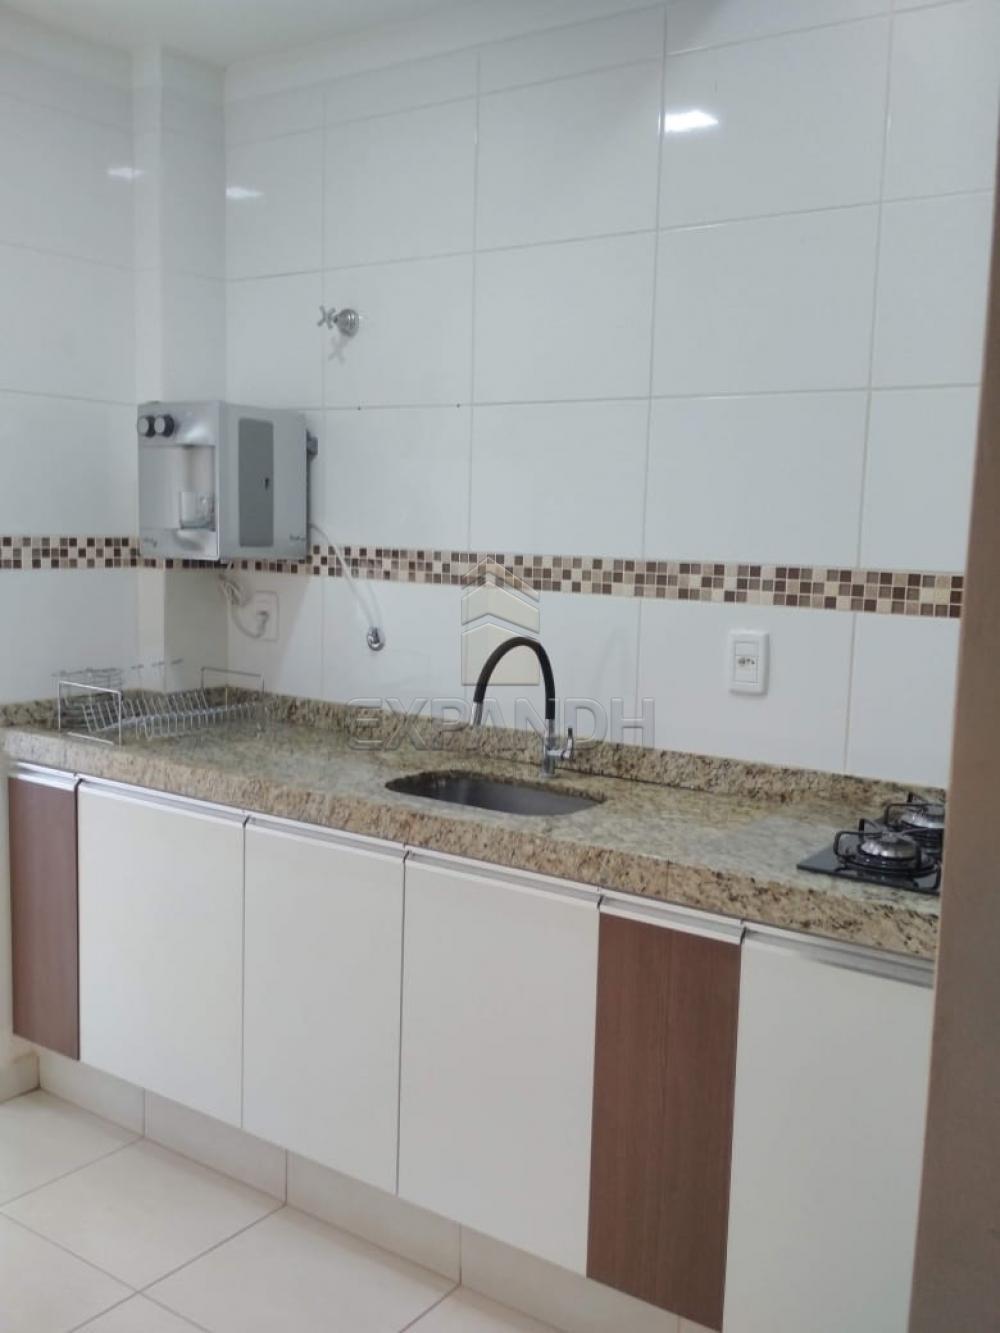 Comprar Apartamentos / Padrão em Sertãozinho apenas R$ 250.000,00 - Foto 19